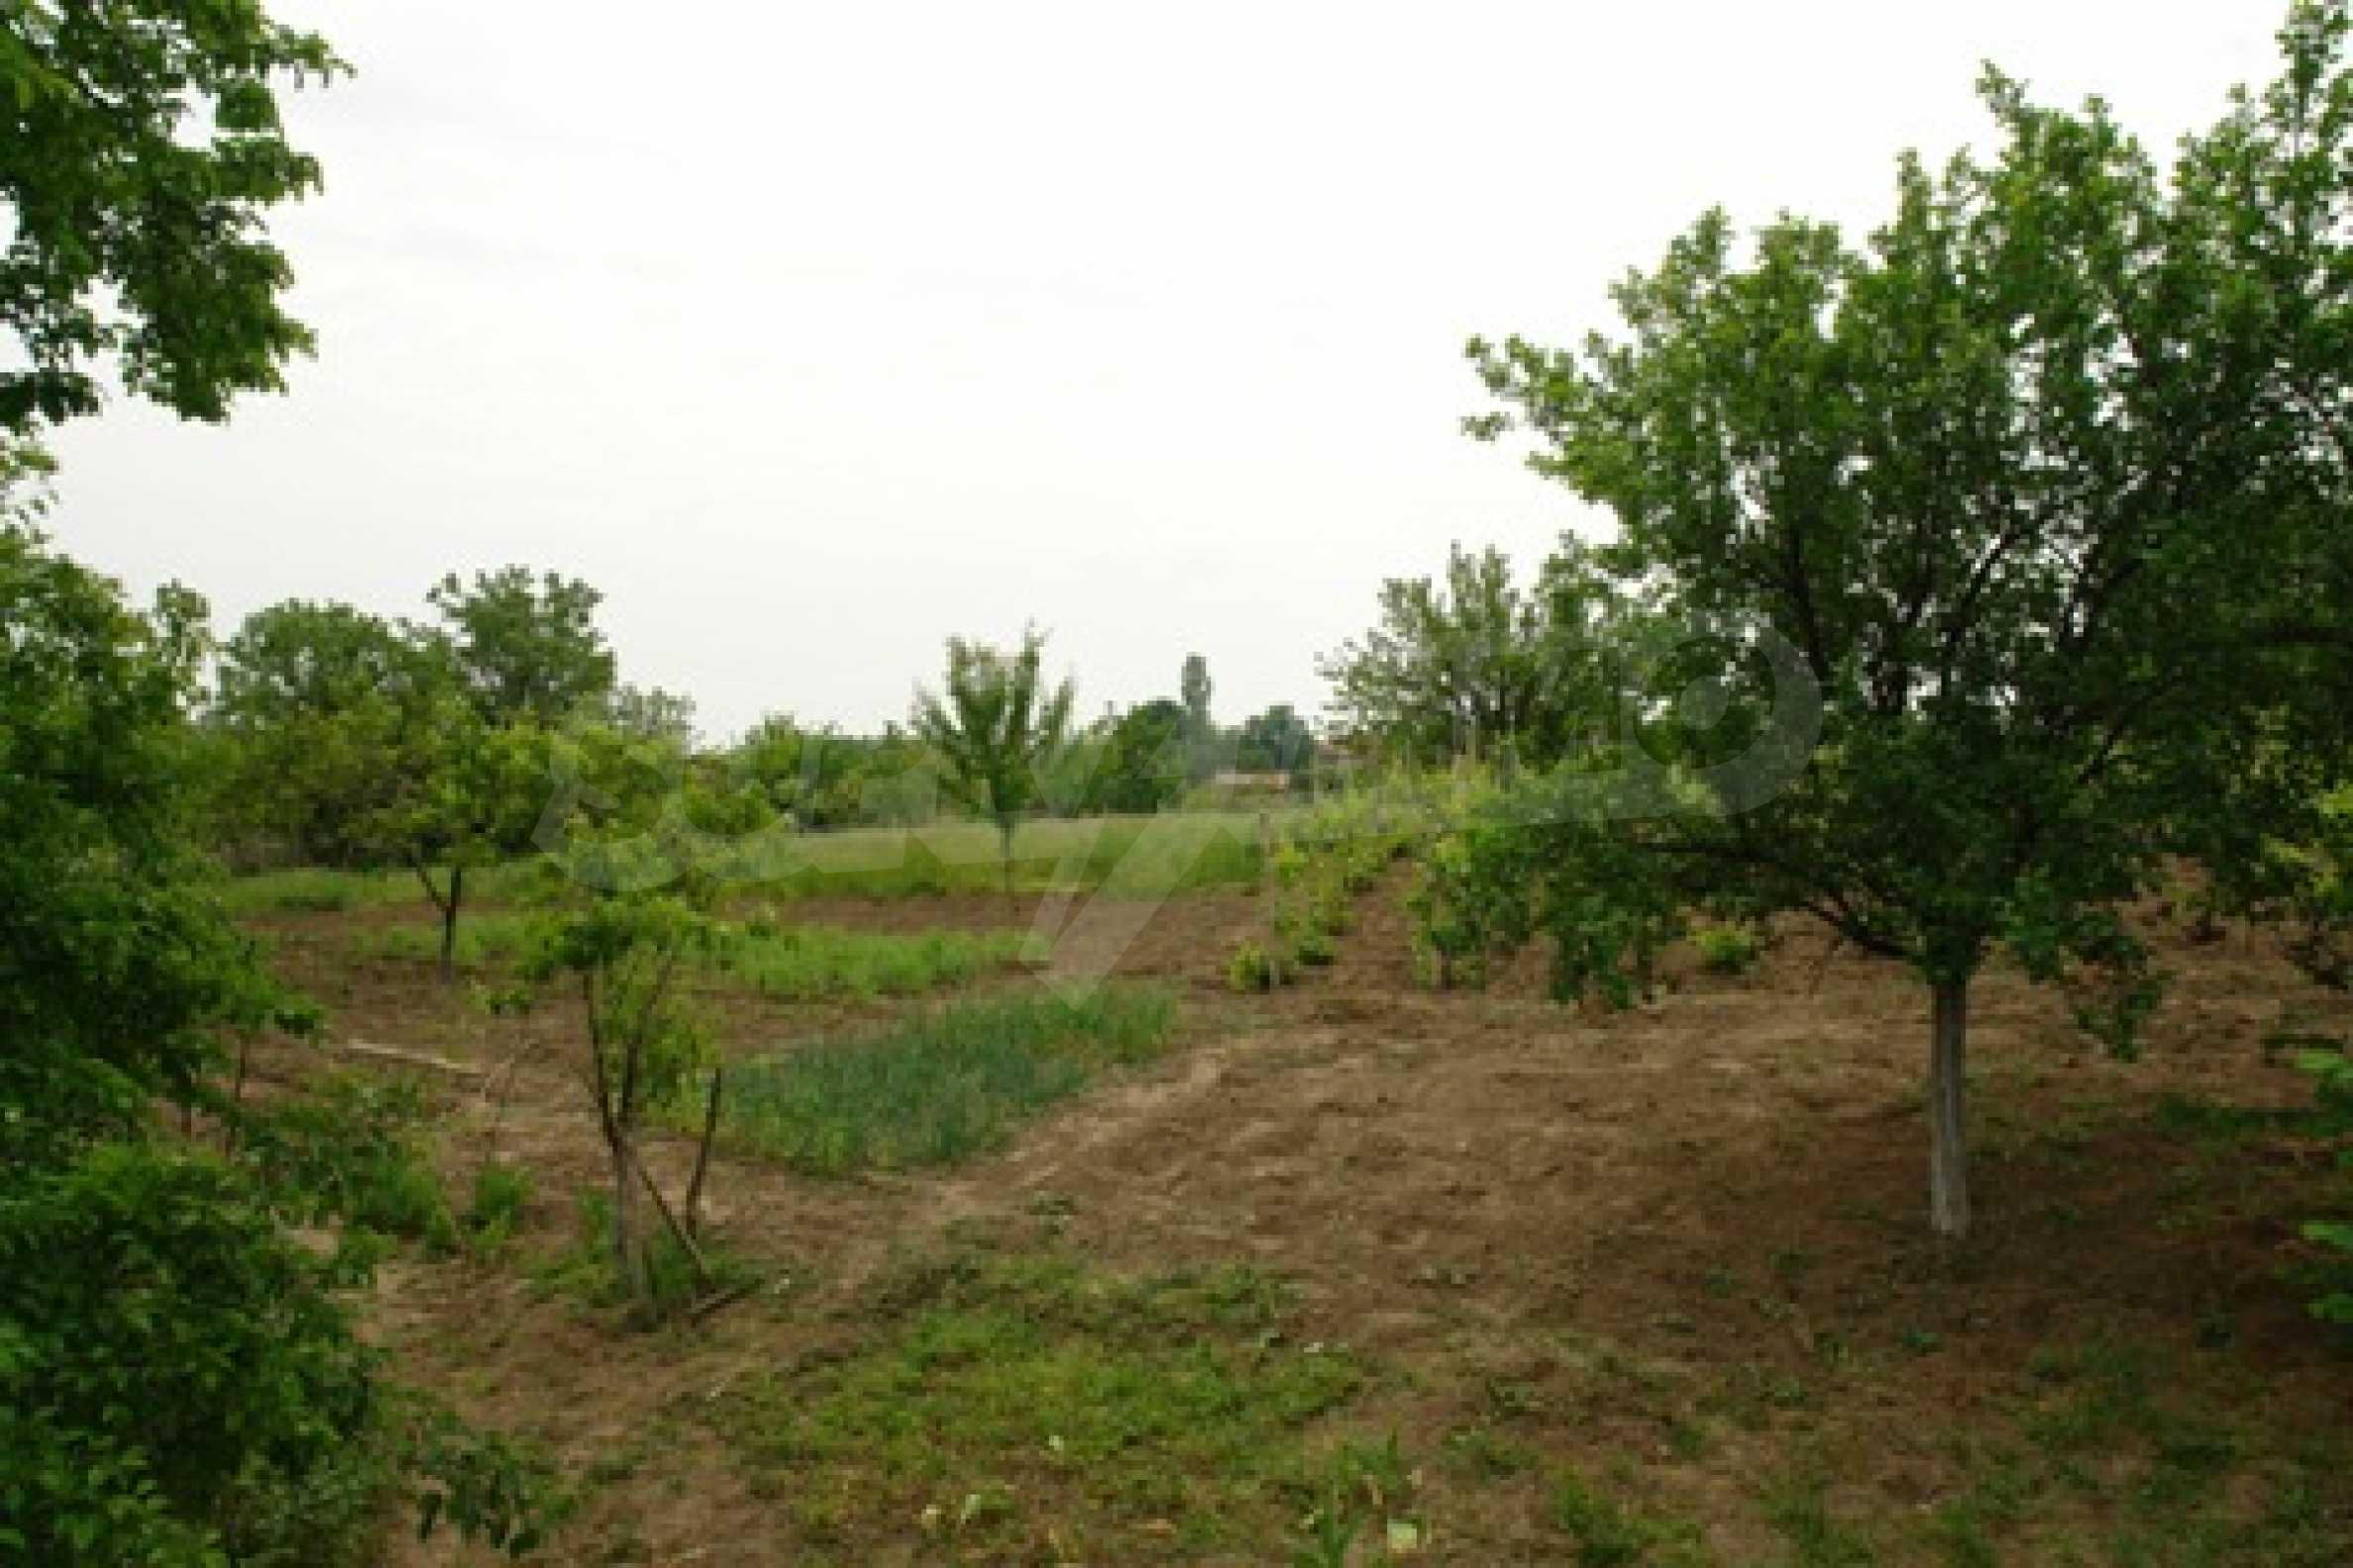 Geräumiges zweistöckiges Haus mit 4 Schlafzimmern im Dorf Trustenik, Rousse 17